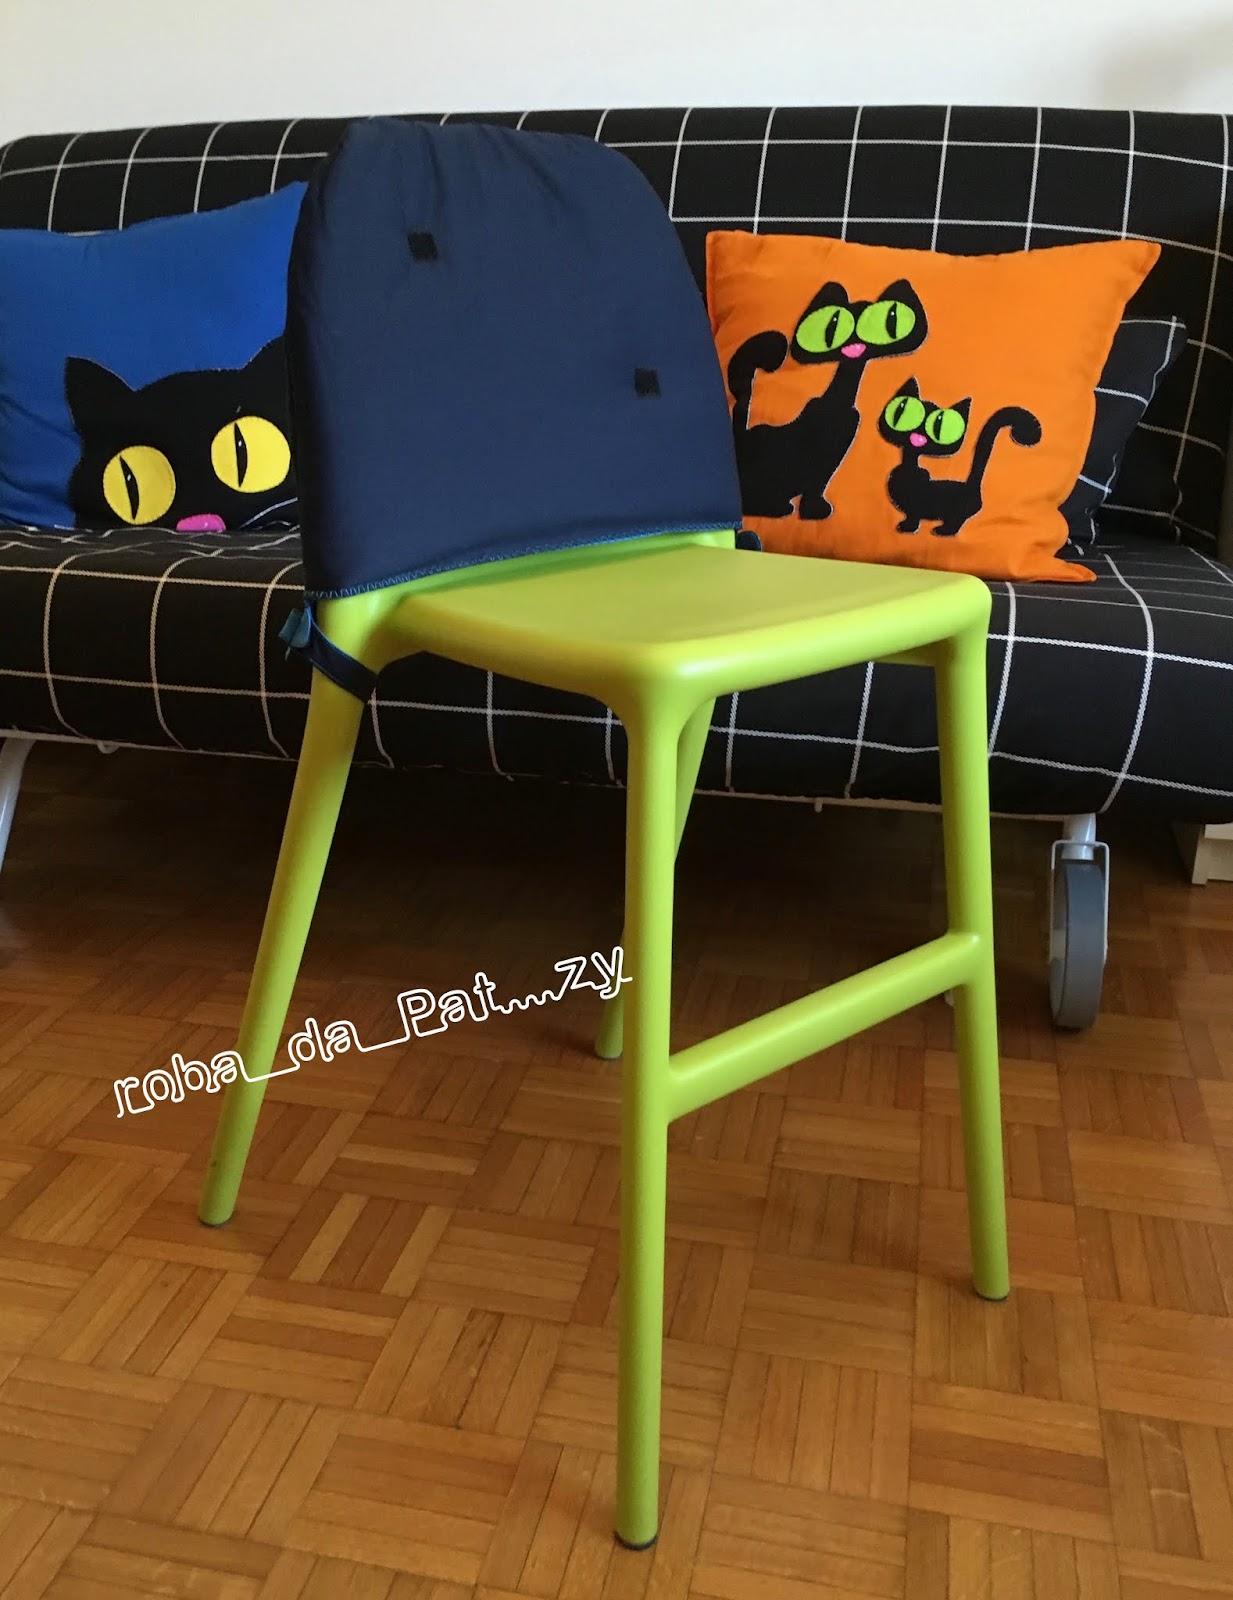 Roba da pat zy seggiolone ikea con decori pannolenci - Ikea sedia junior ...